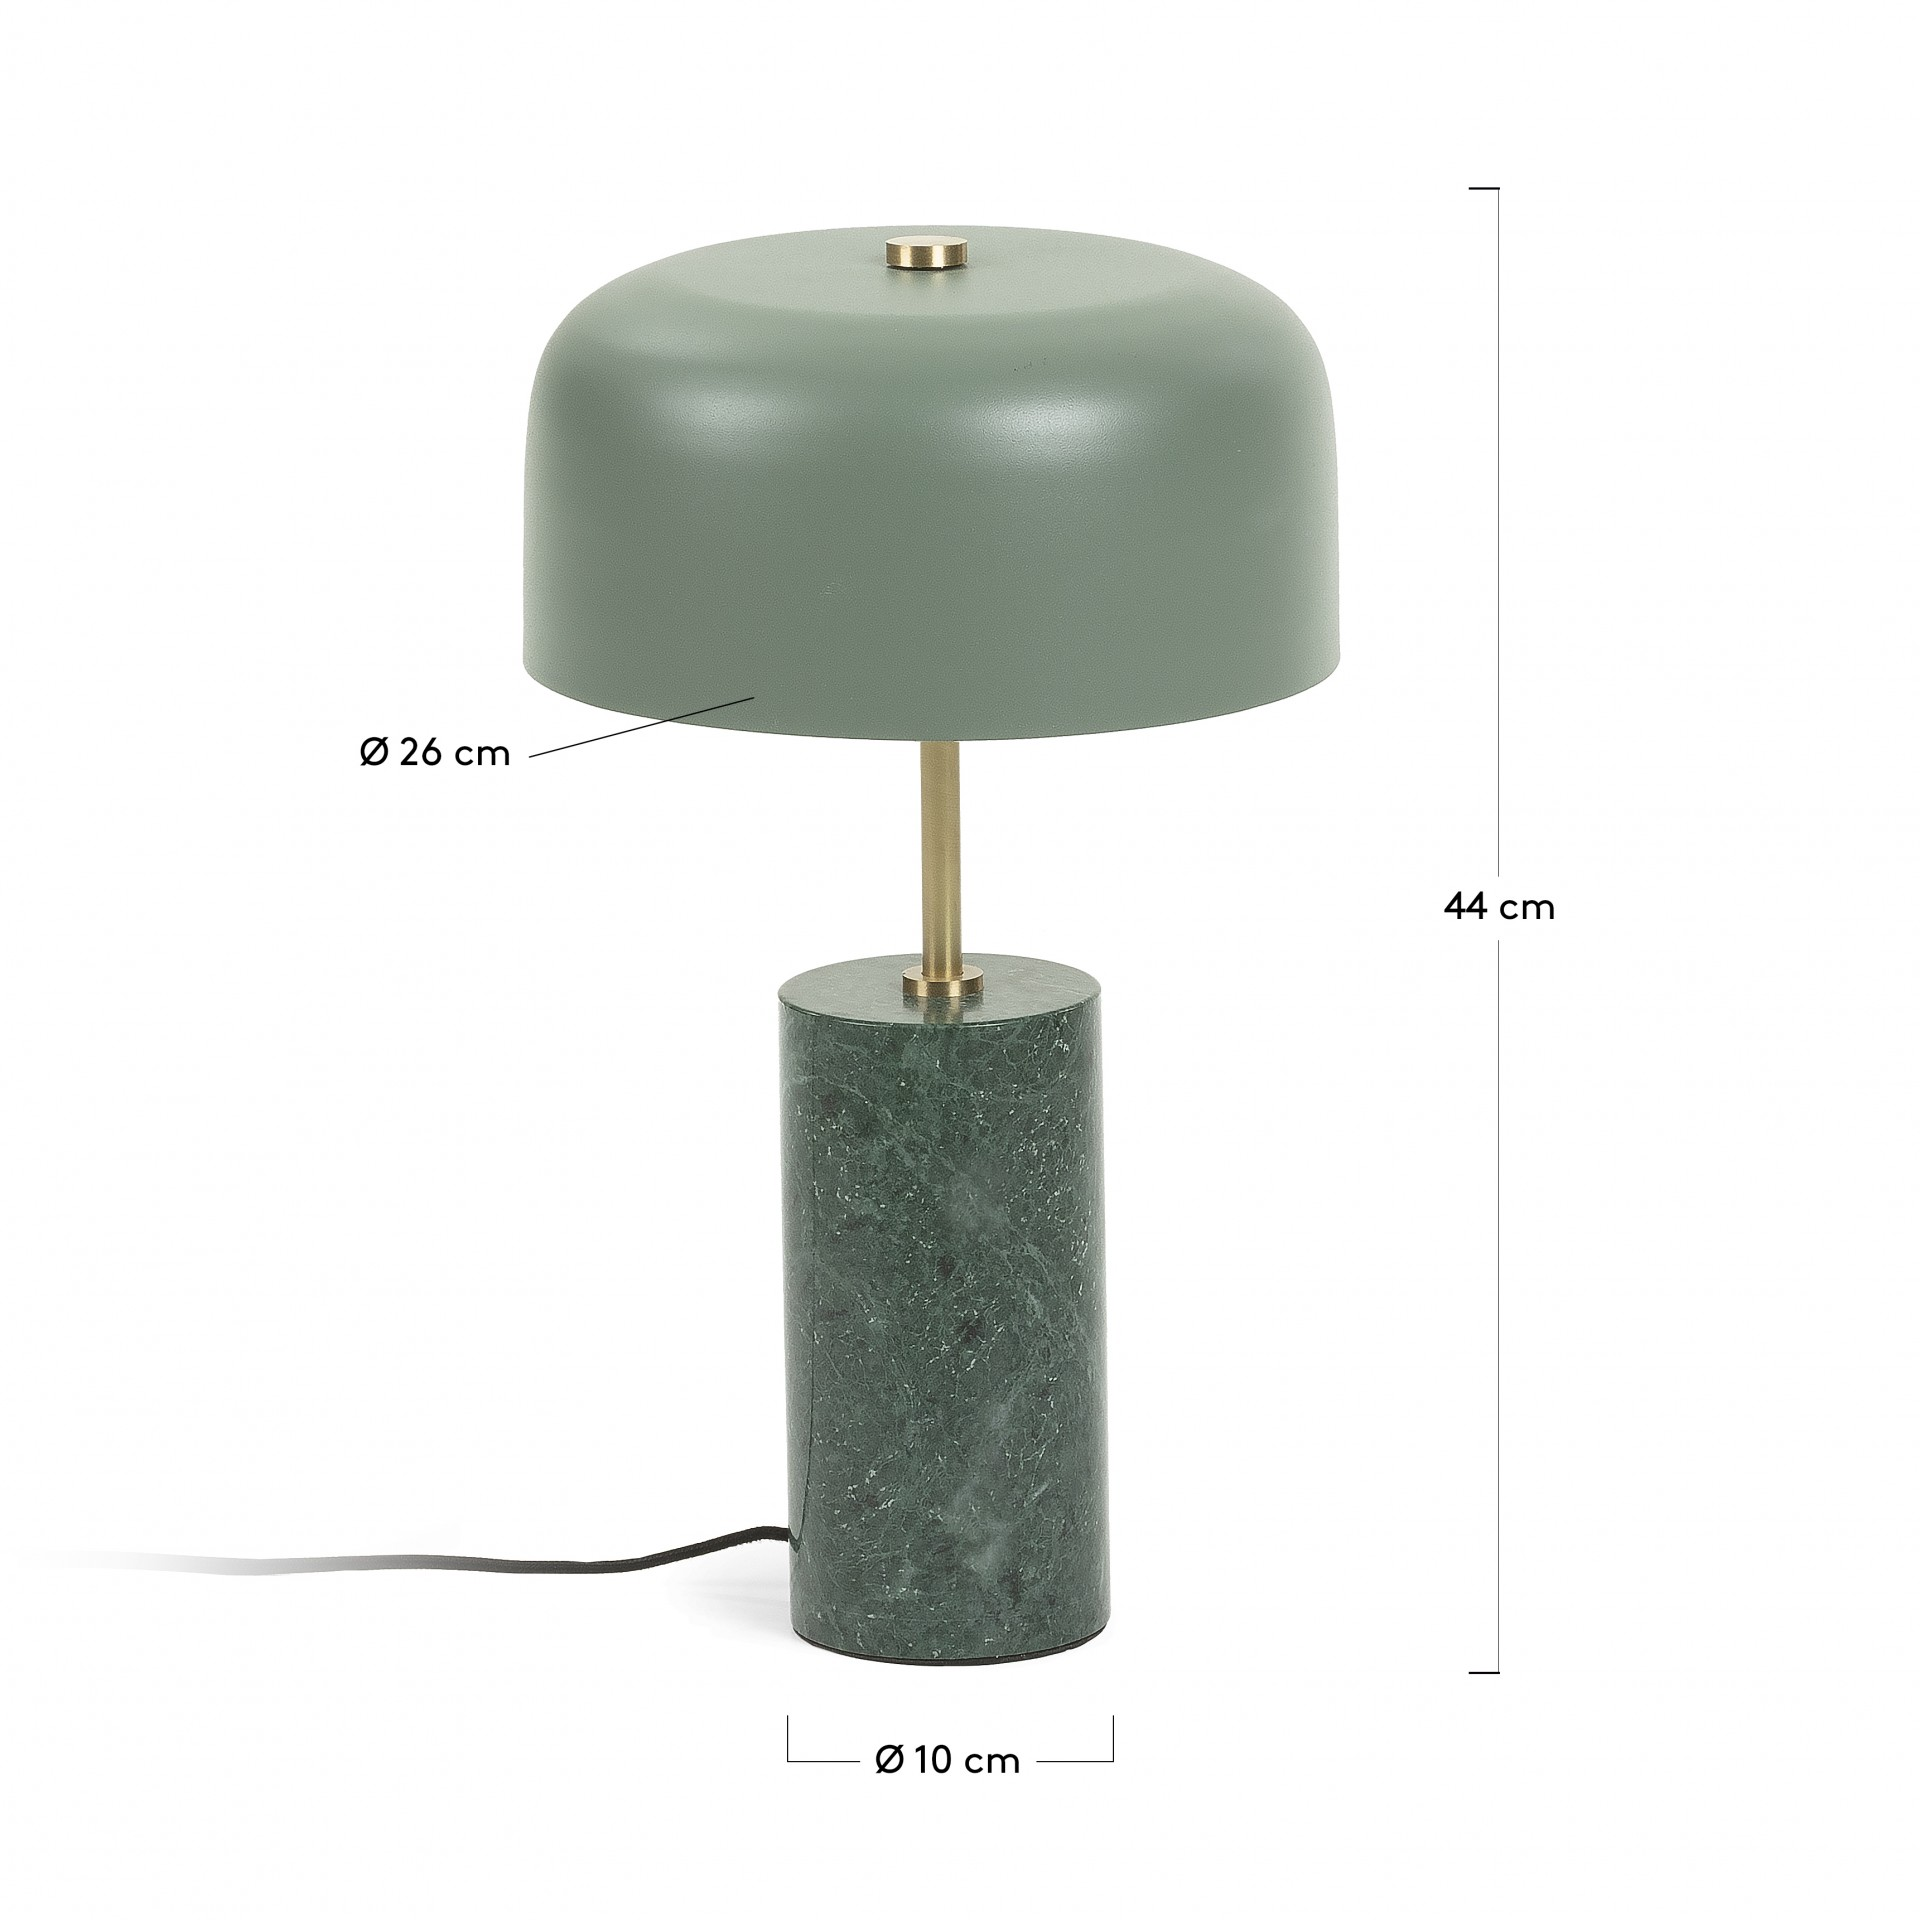 Candeeiro de mesa, metal/mármore, Ø26x44 cm